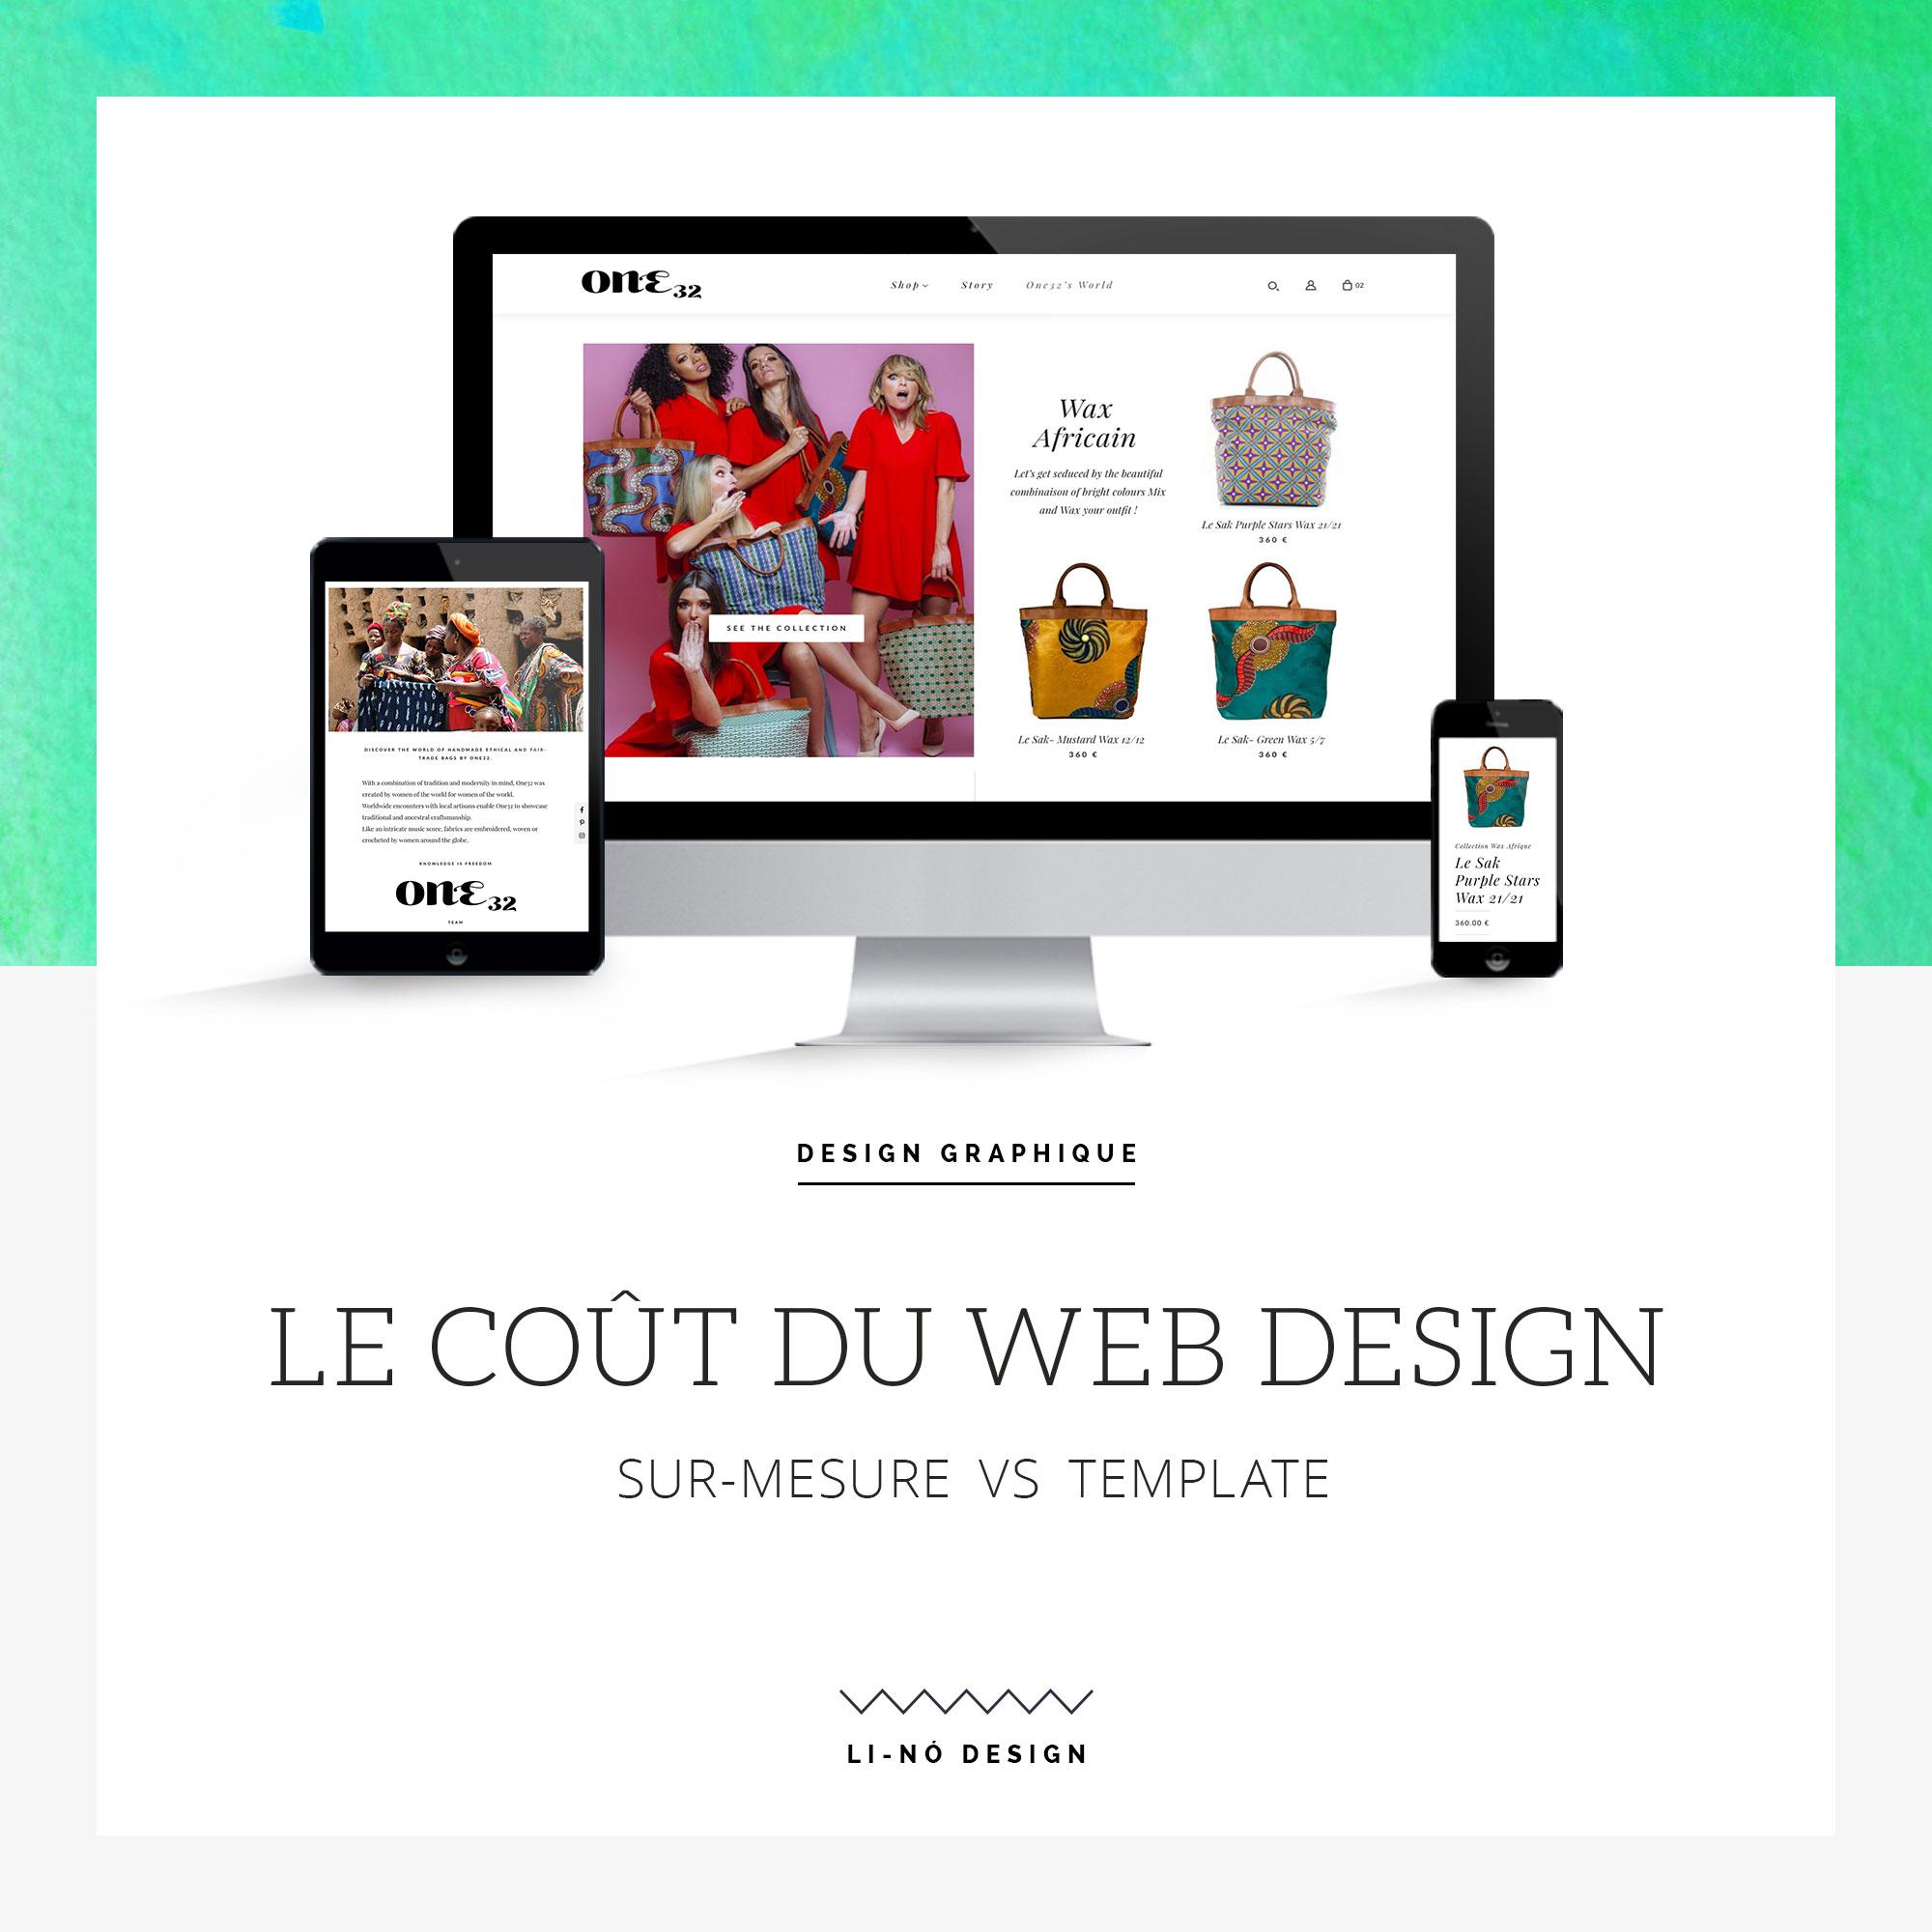 Le coût du web design - Li-Nó Design